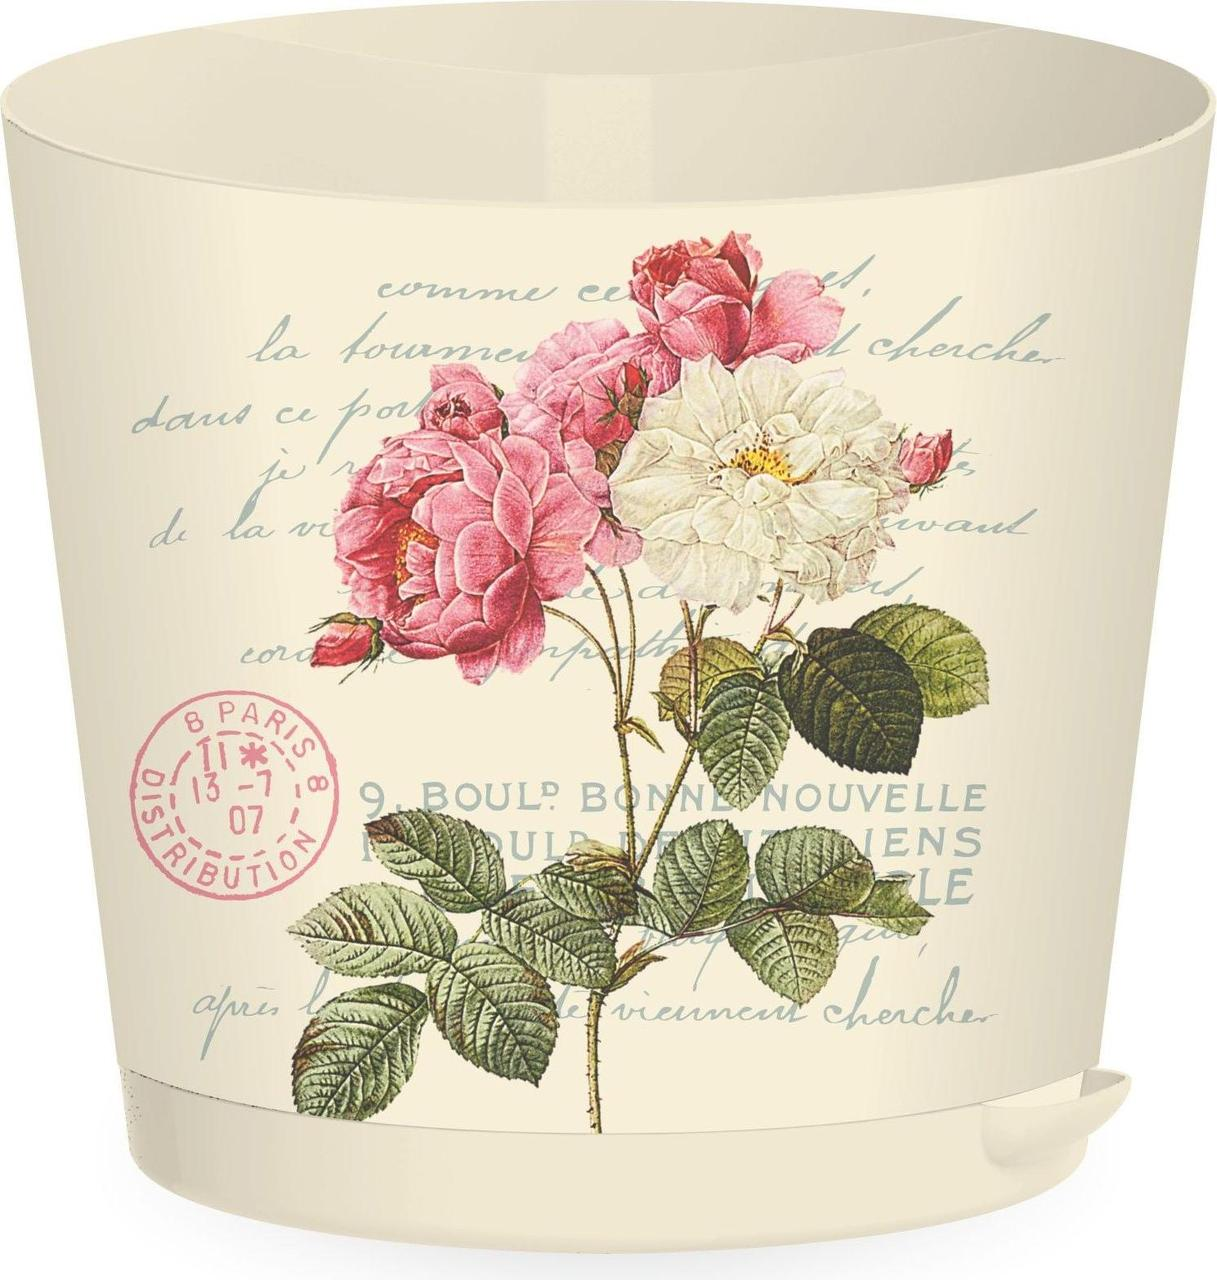 Горшок для цветов Easy Grow D 160 с прикорневым поливом 2 л Сливочный прованс